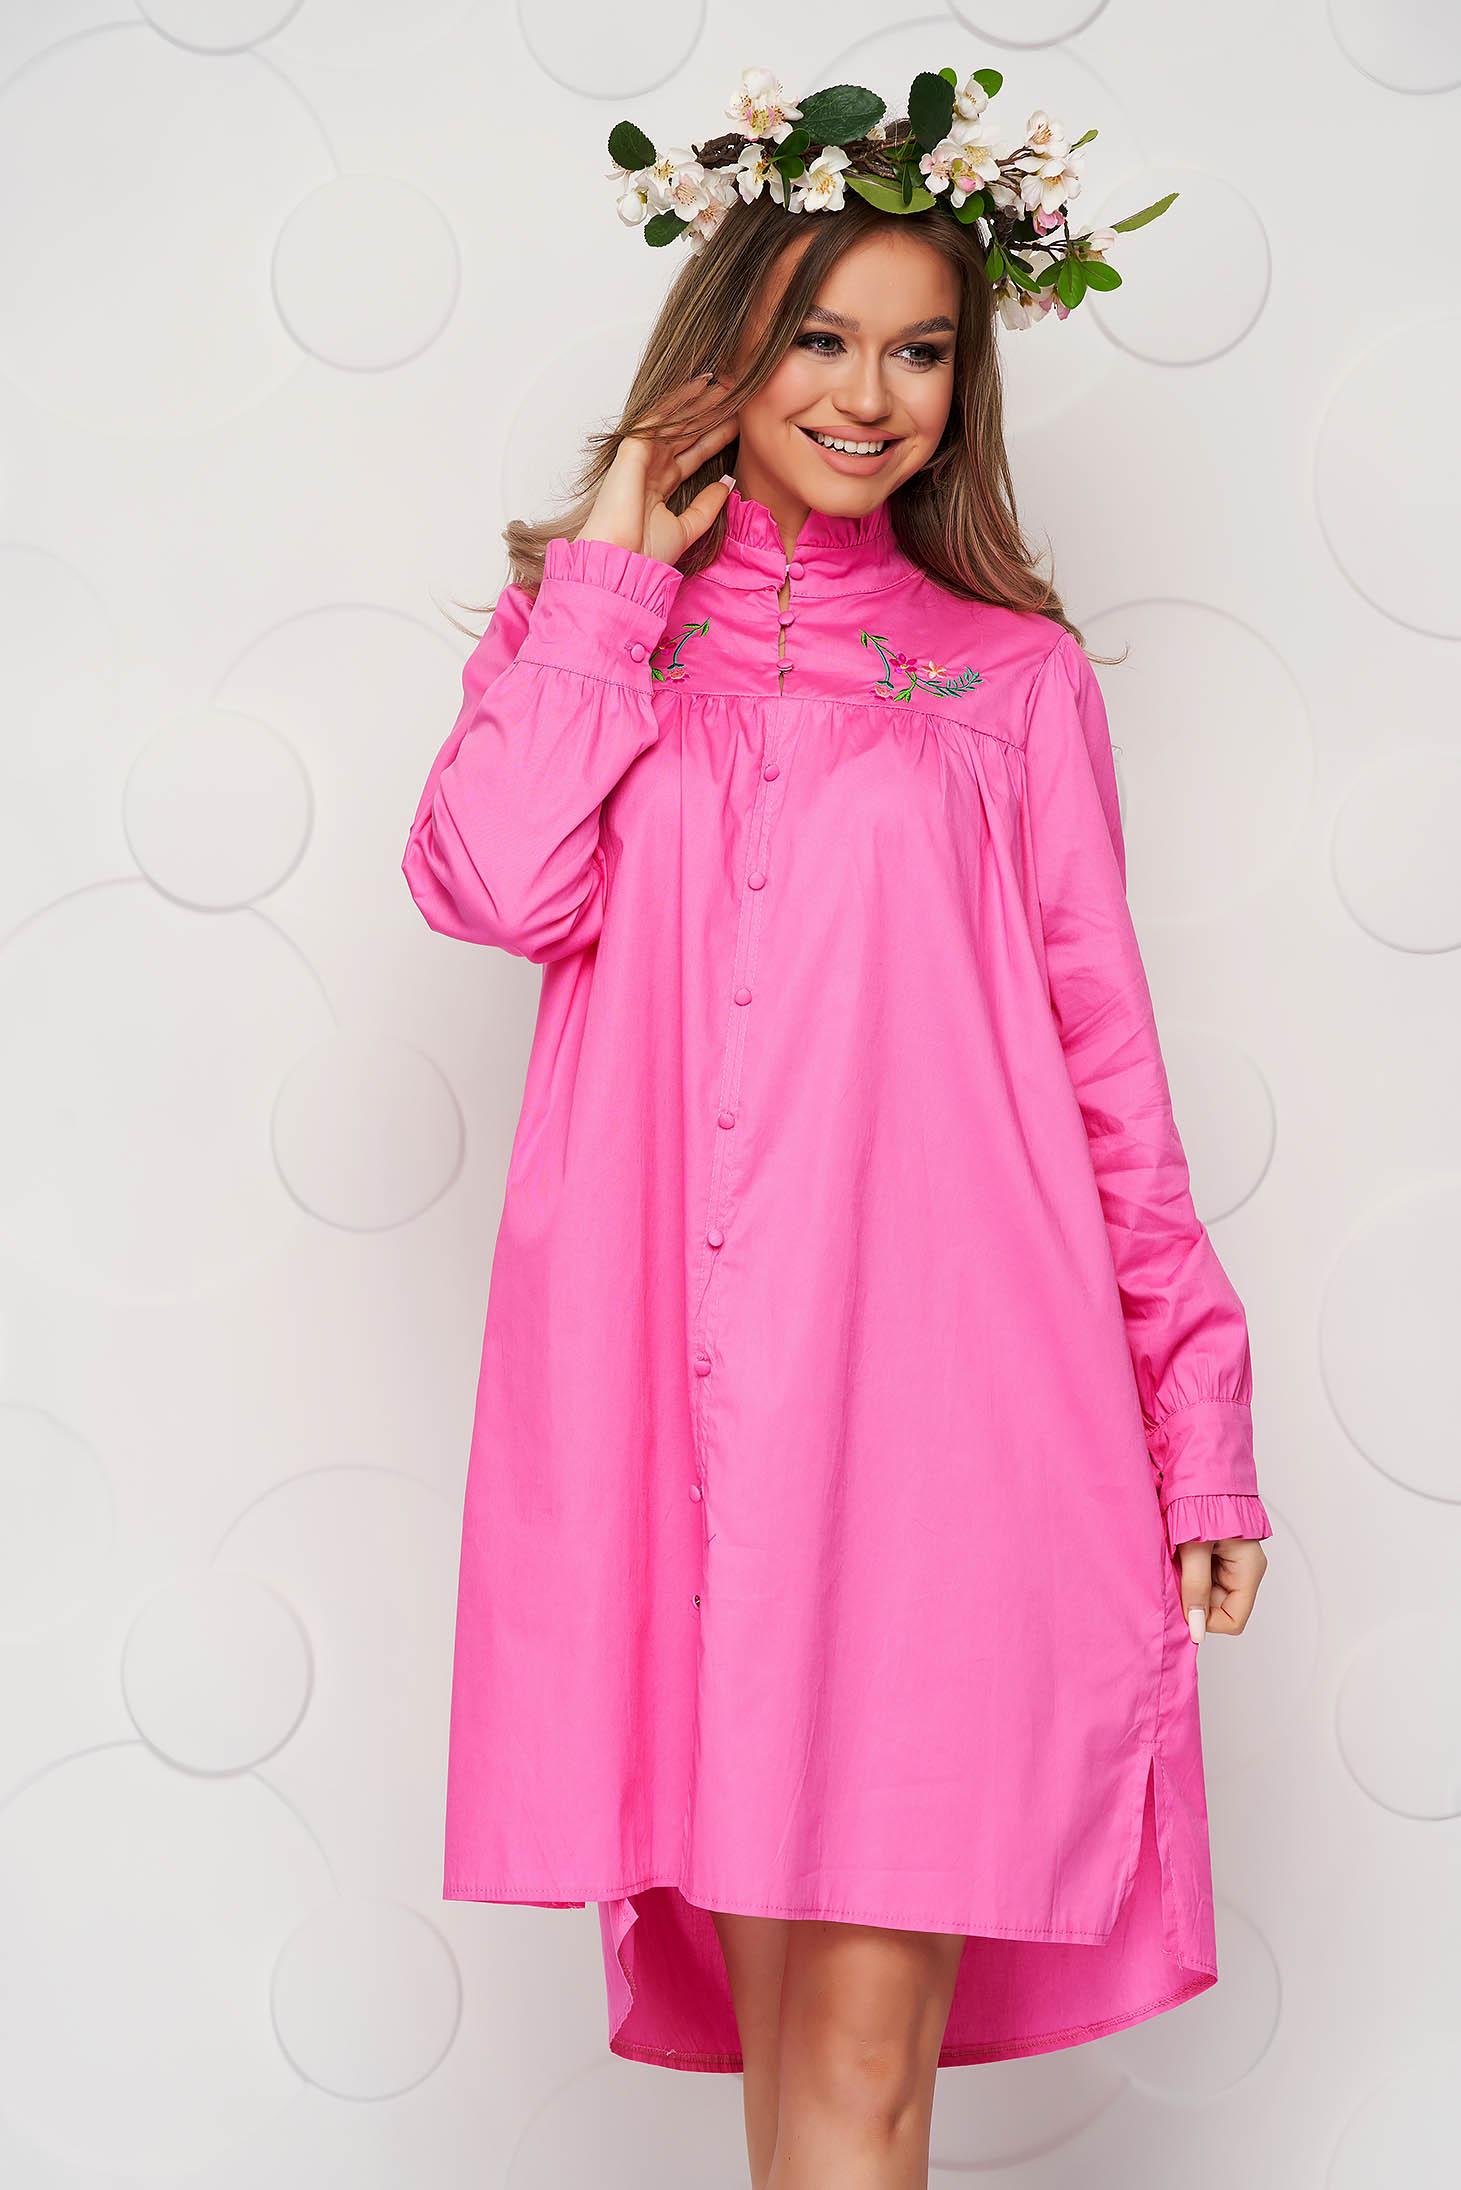 Hímzett bő szabású pink női ing vékony szövetből fodros gallérral